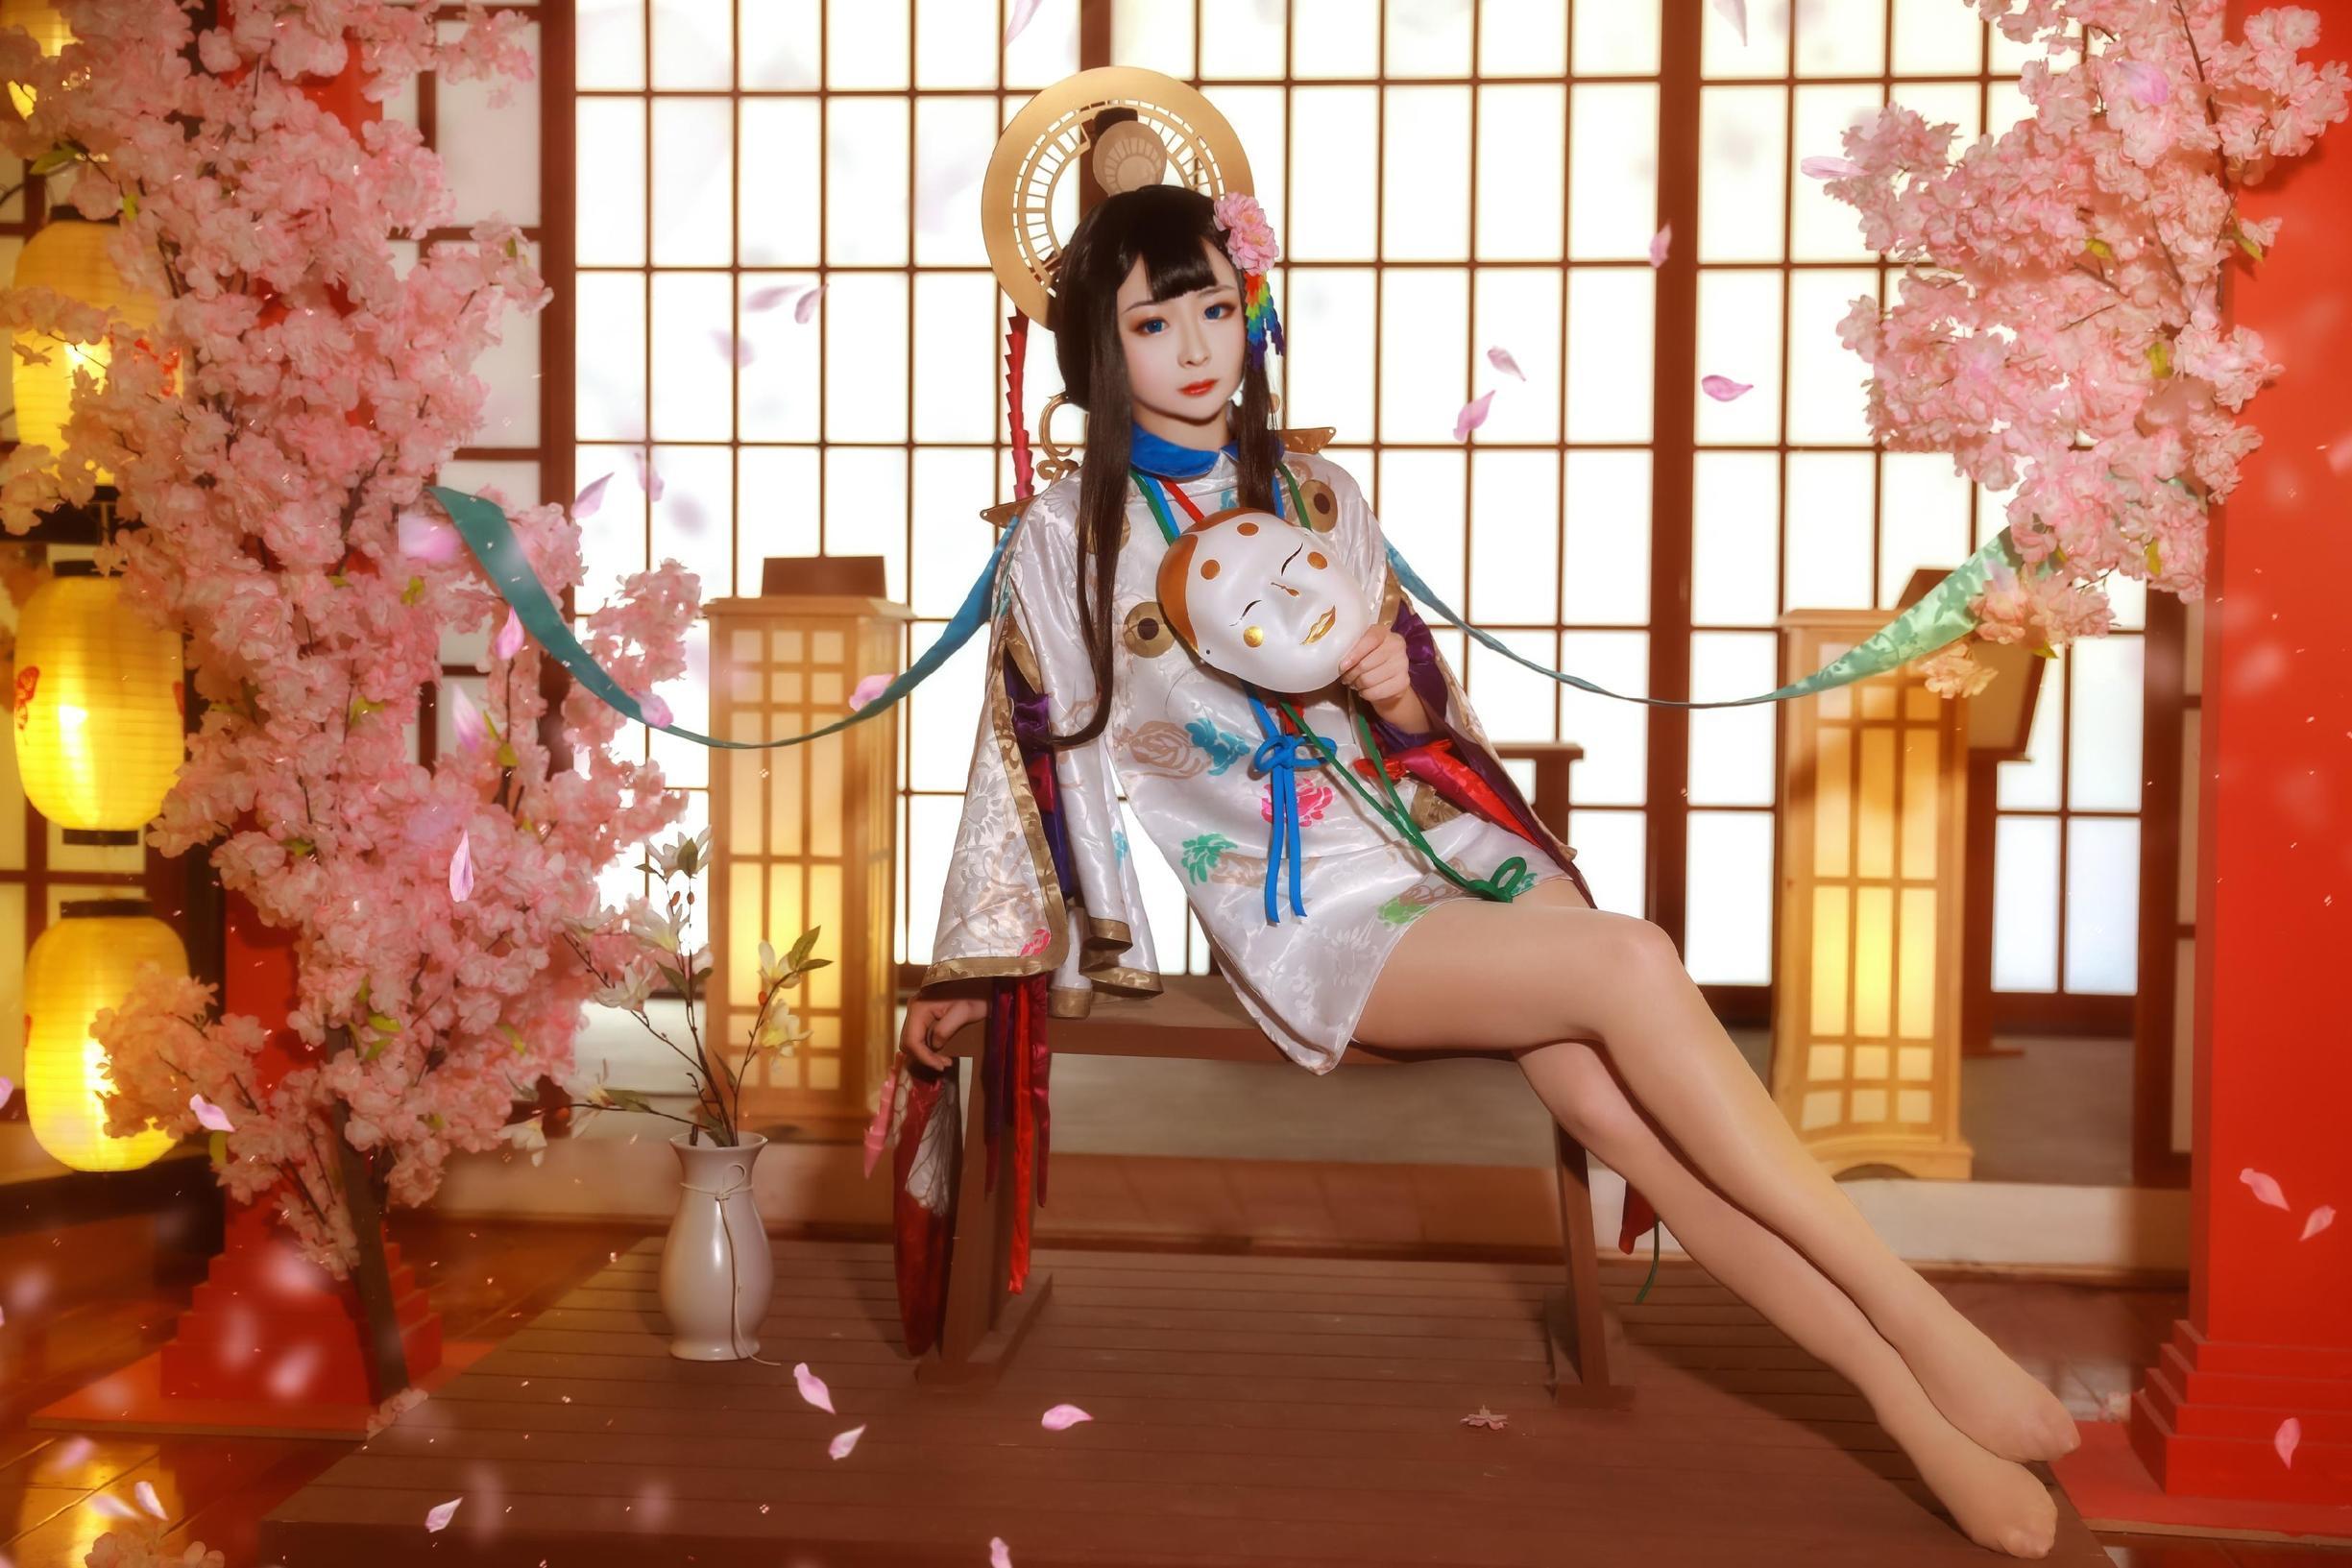 《阴阳师手游》游戏cosplay【CN:陞靥】 -涂山苏苏cosplay图片插图